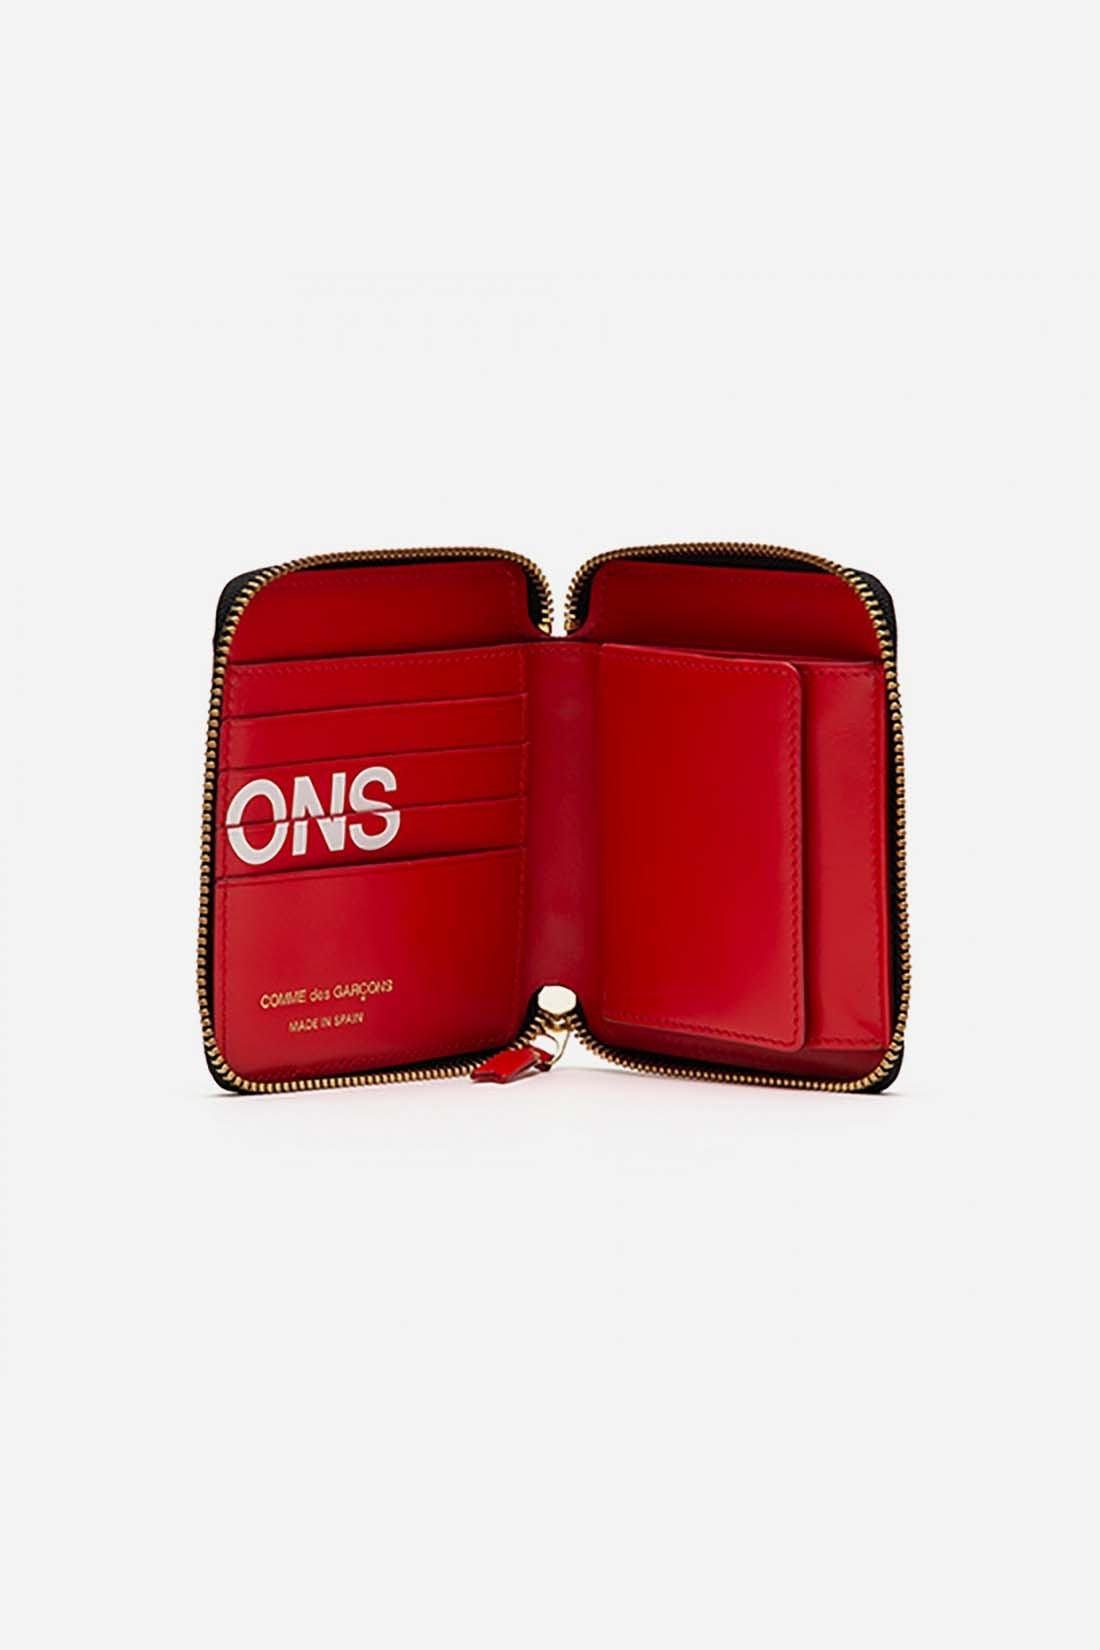 COMME DES GARÇONS WALLETS / Cdg huge logo wallet sa2100hl Red